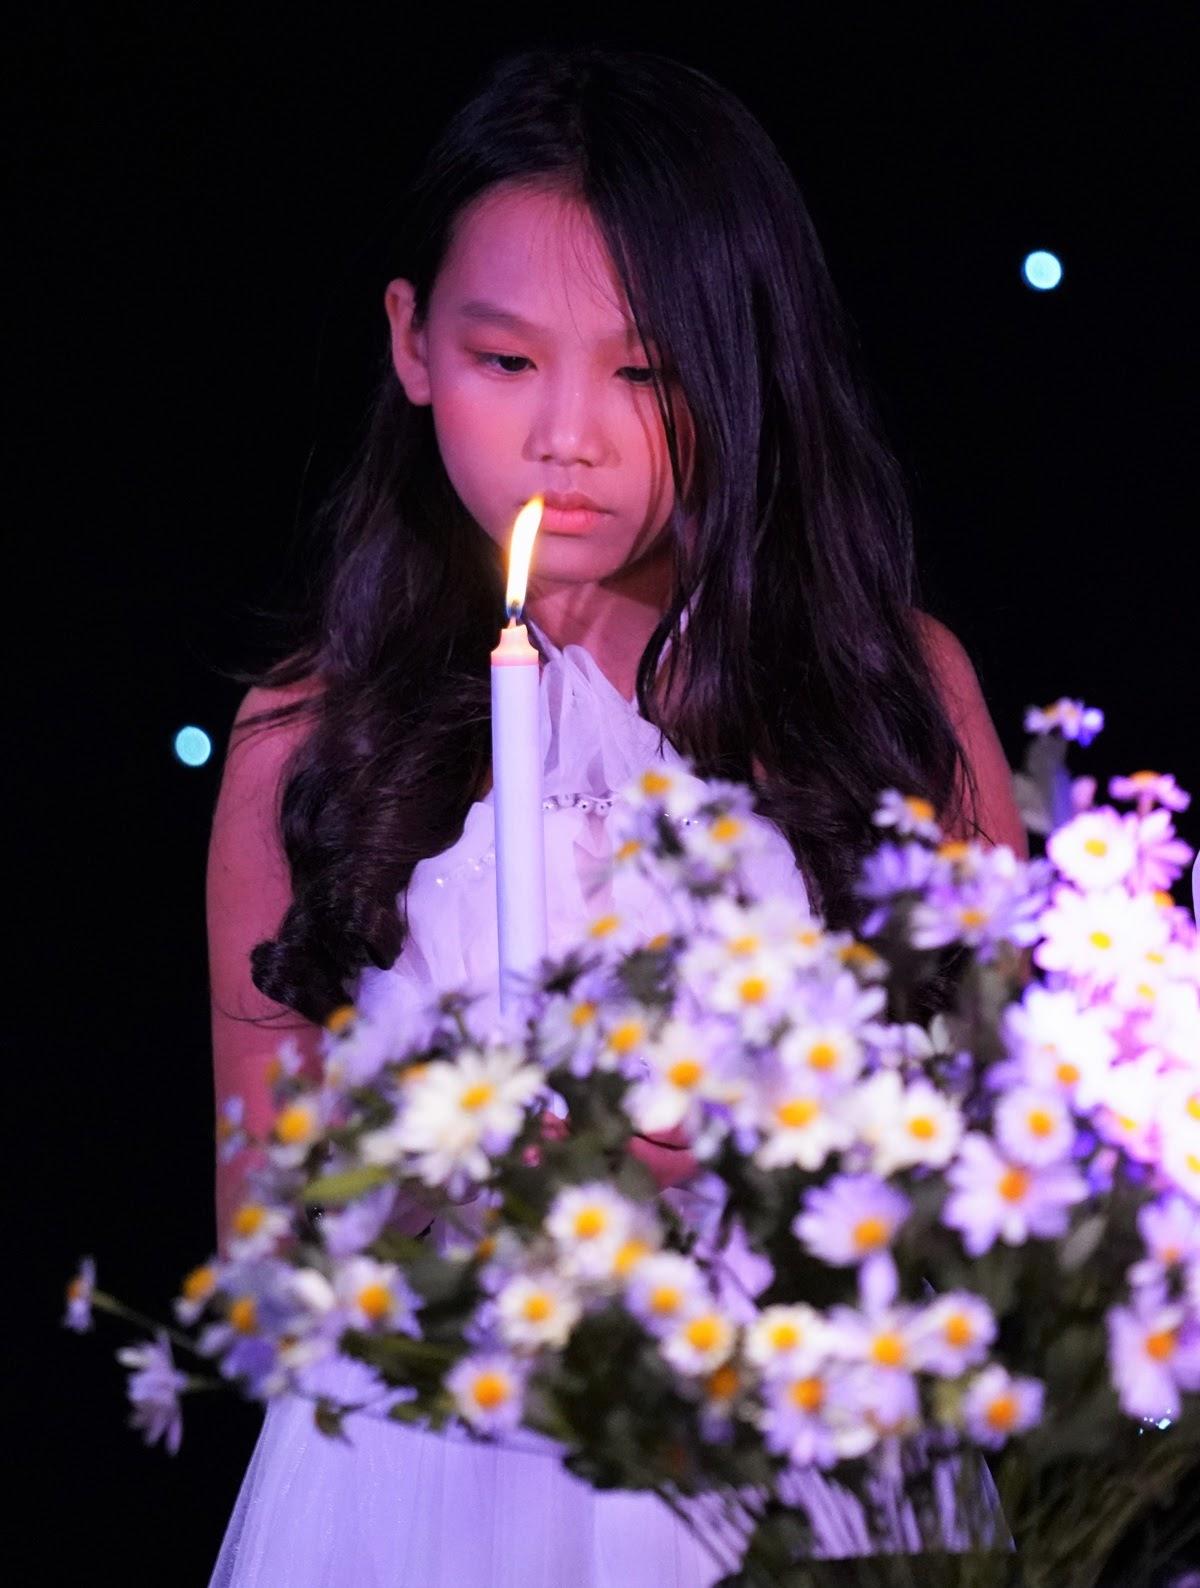 Thái Thùy Linh hát tình ca, rơi nước mắt nói về người tự kỷ - Hình 17